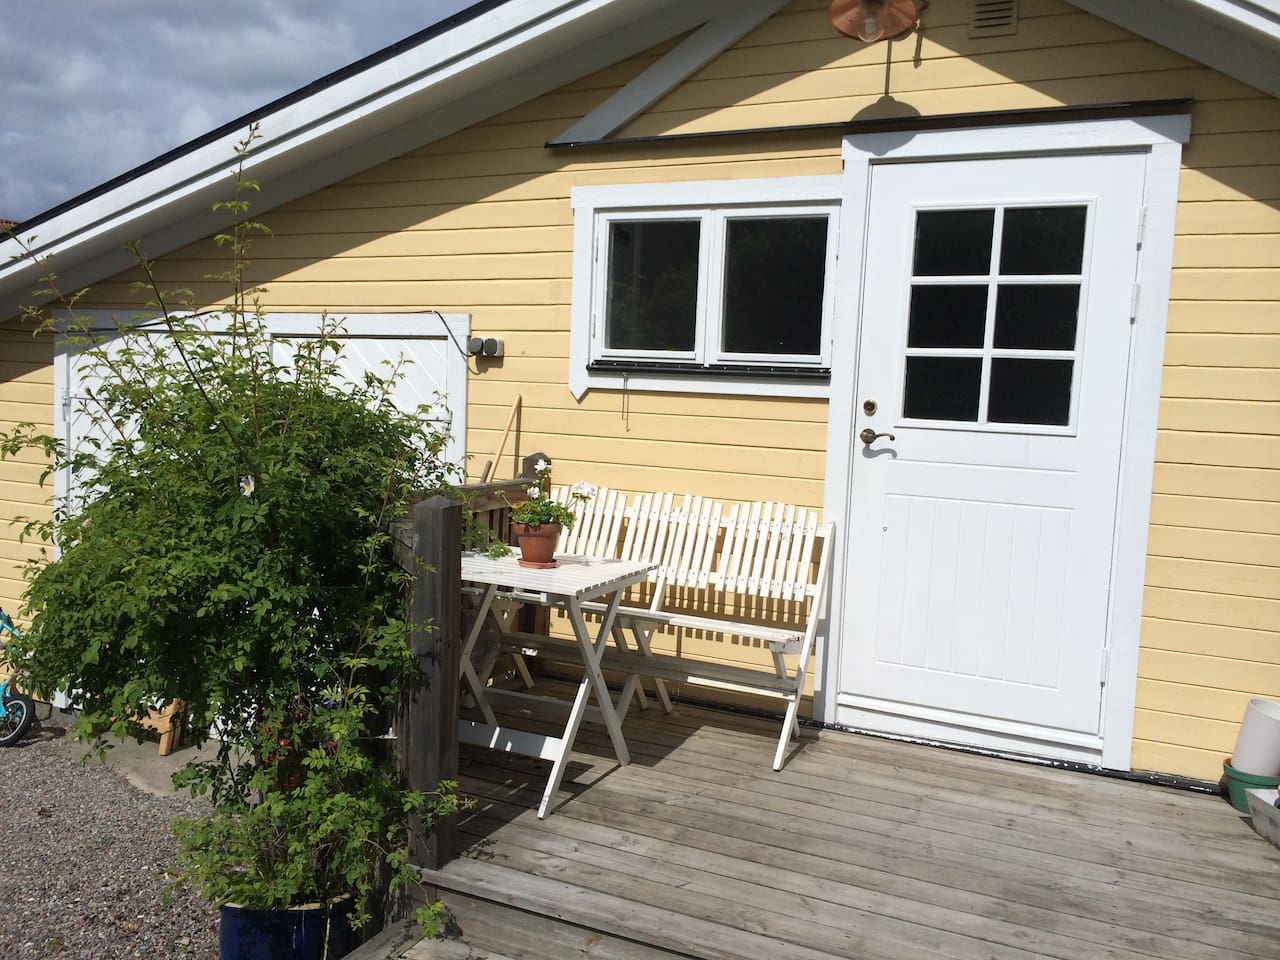 Topp 20 semesterboenden, semesterhus & lägenheter i vaxholm ...